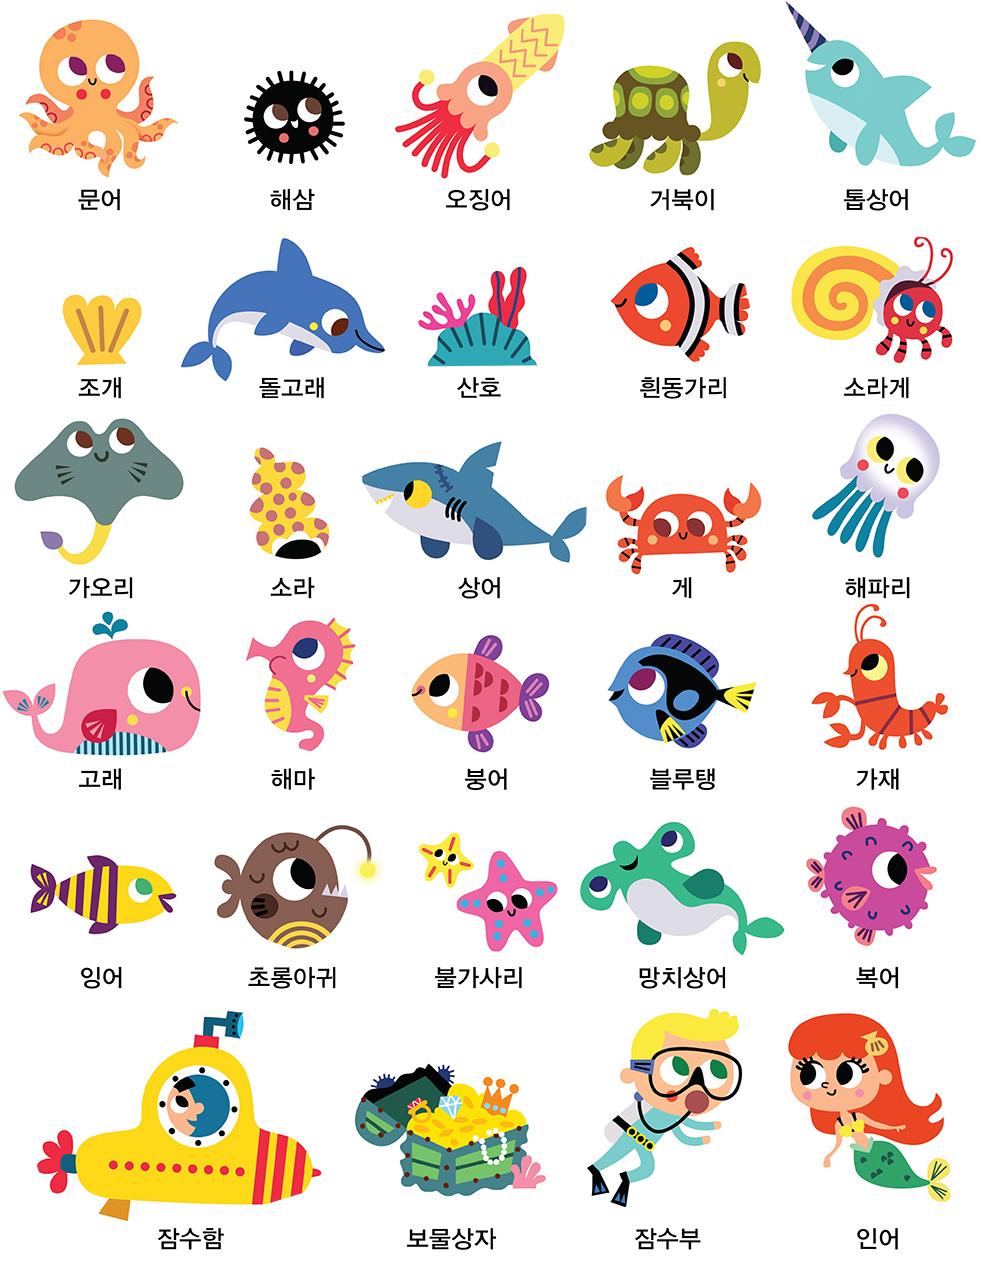 목욕놀이-스티커_바다동물.jpg